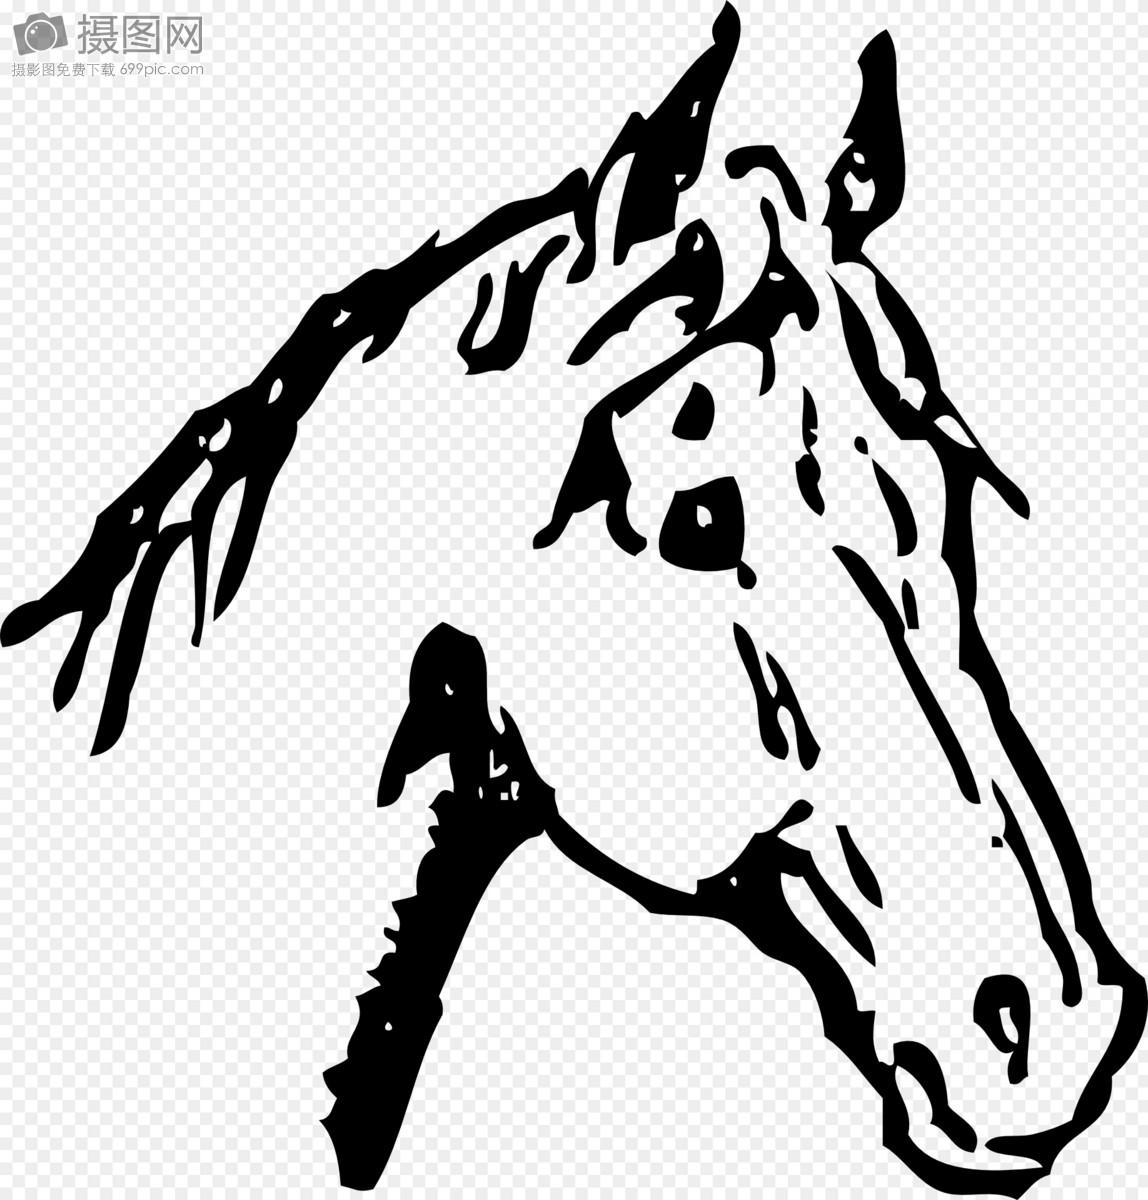 Kumpulan Contoh Gambar Sketsa Kepala Kuda